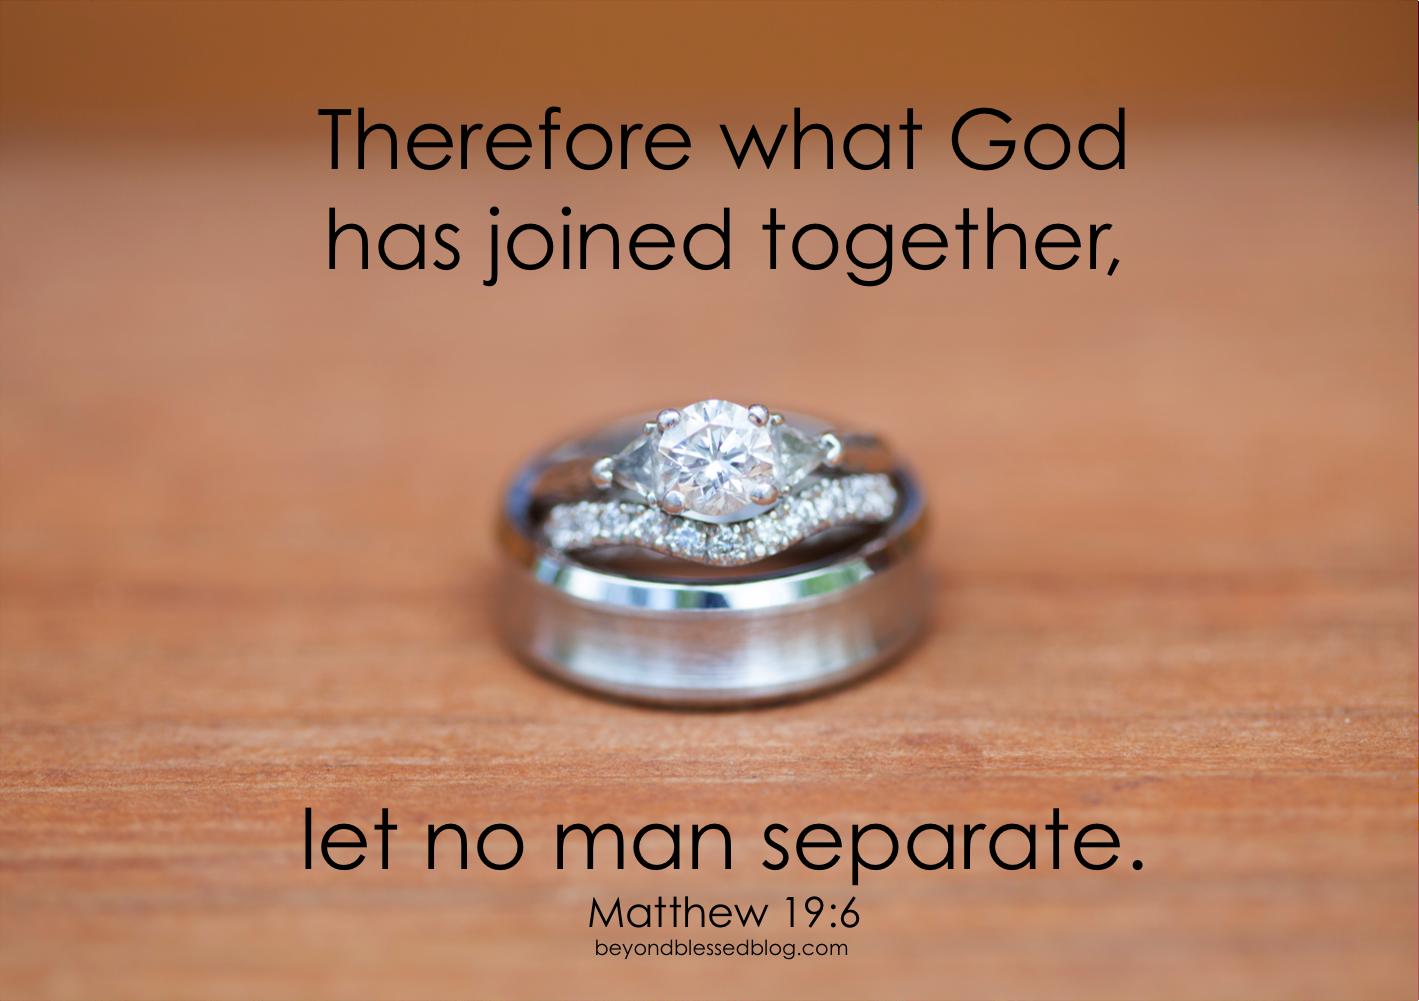 Matthew19-6 BBB